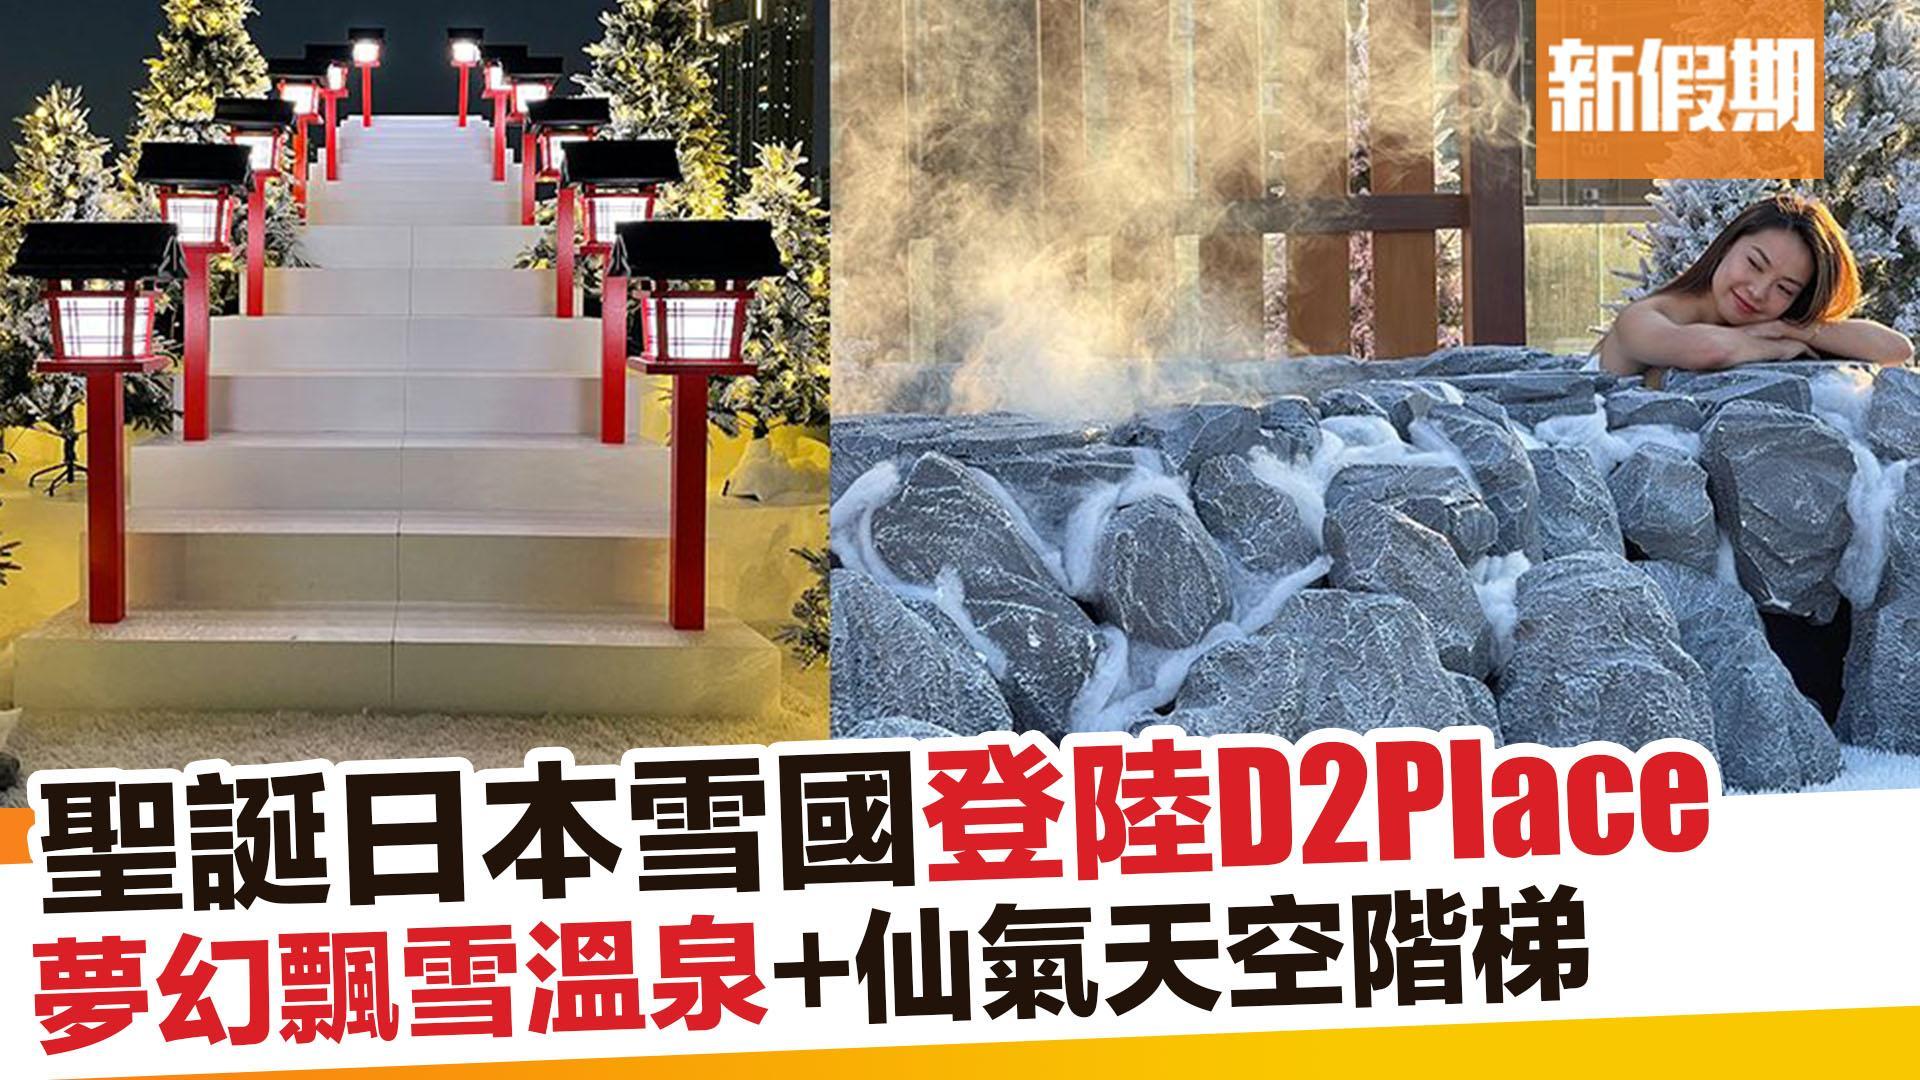 【香港好去處】夢幻聖誕飄雪裝置登陸D2 Place 新假期